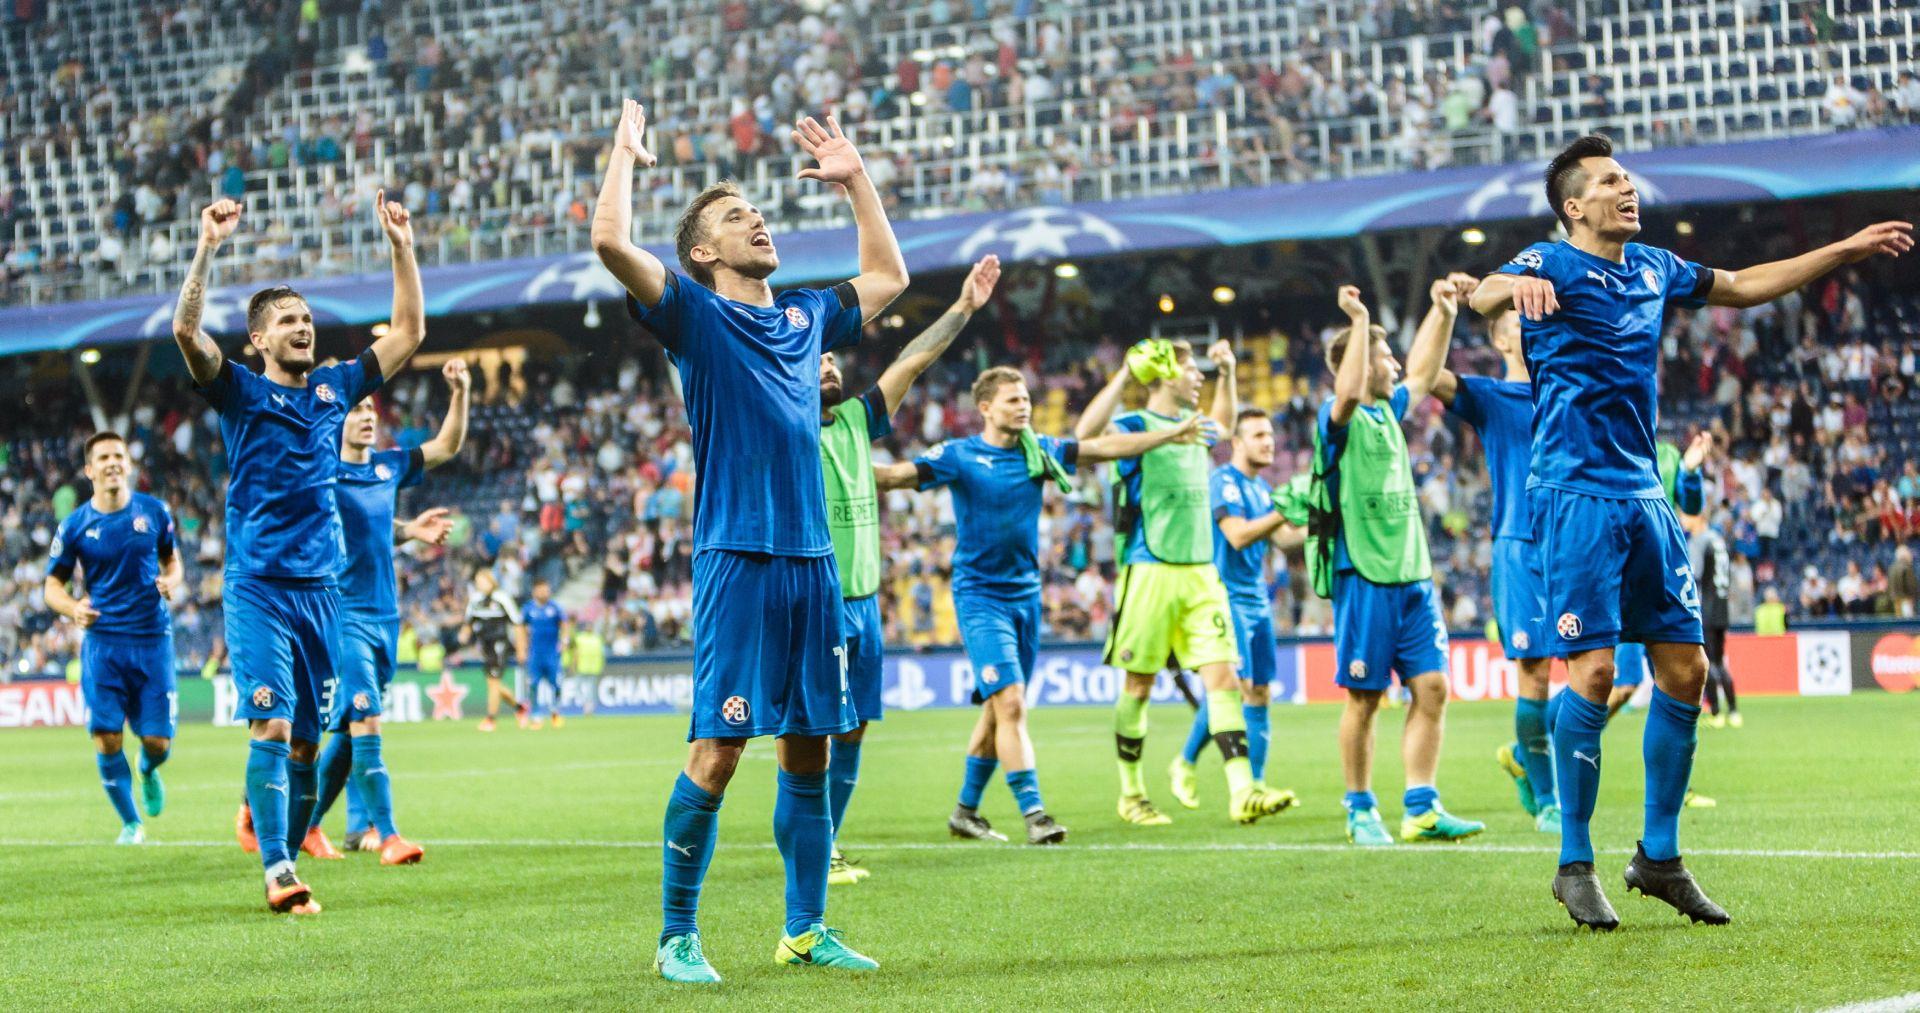 LIGA PRVAKA: Dinamo u skupini H s Juventusom